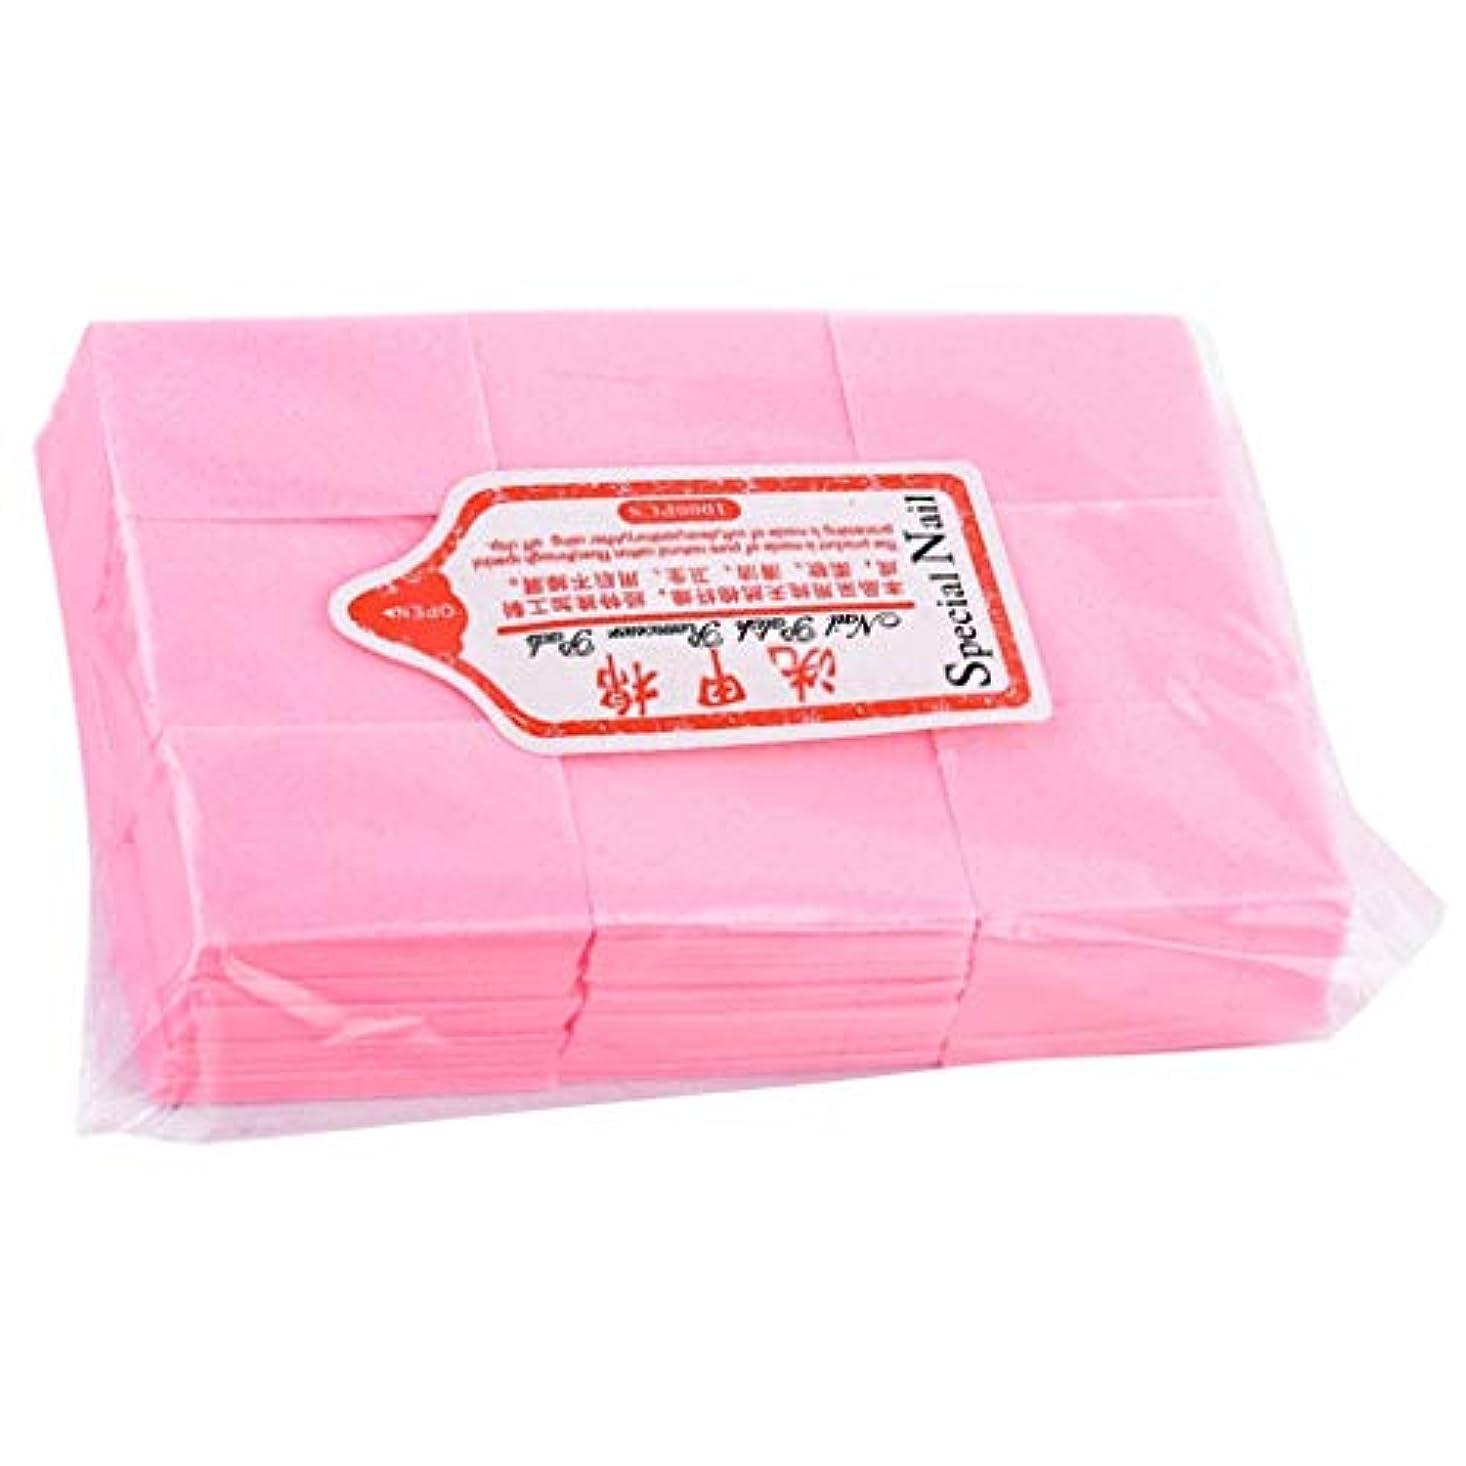 つぼみ忍耐いらいらさせるネイルワイプ コットンパッド 使い捨て ネイルポリッシュリムーバー パッド マニキュア 全4色 - ピンク